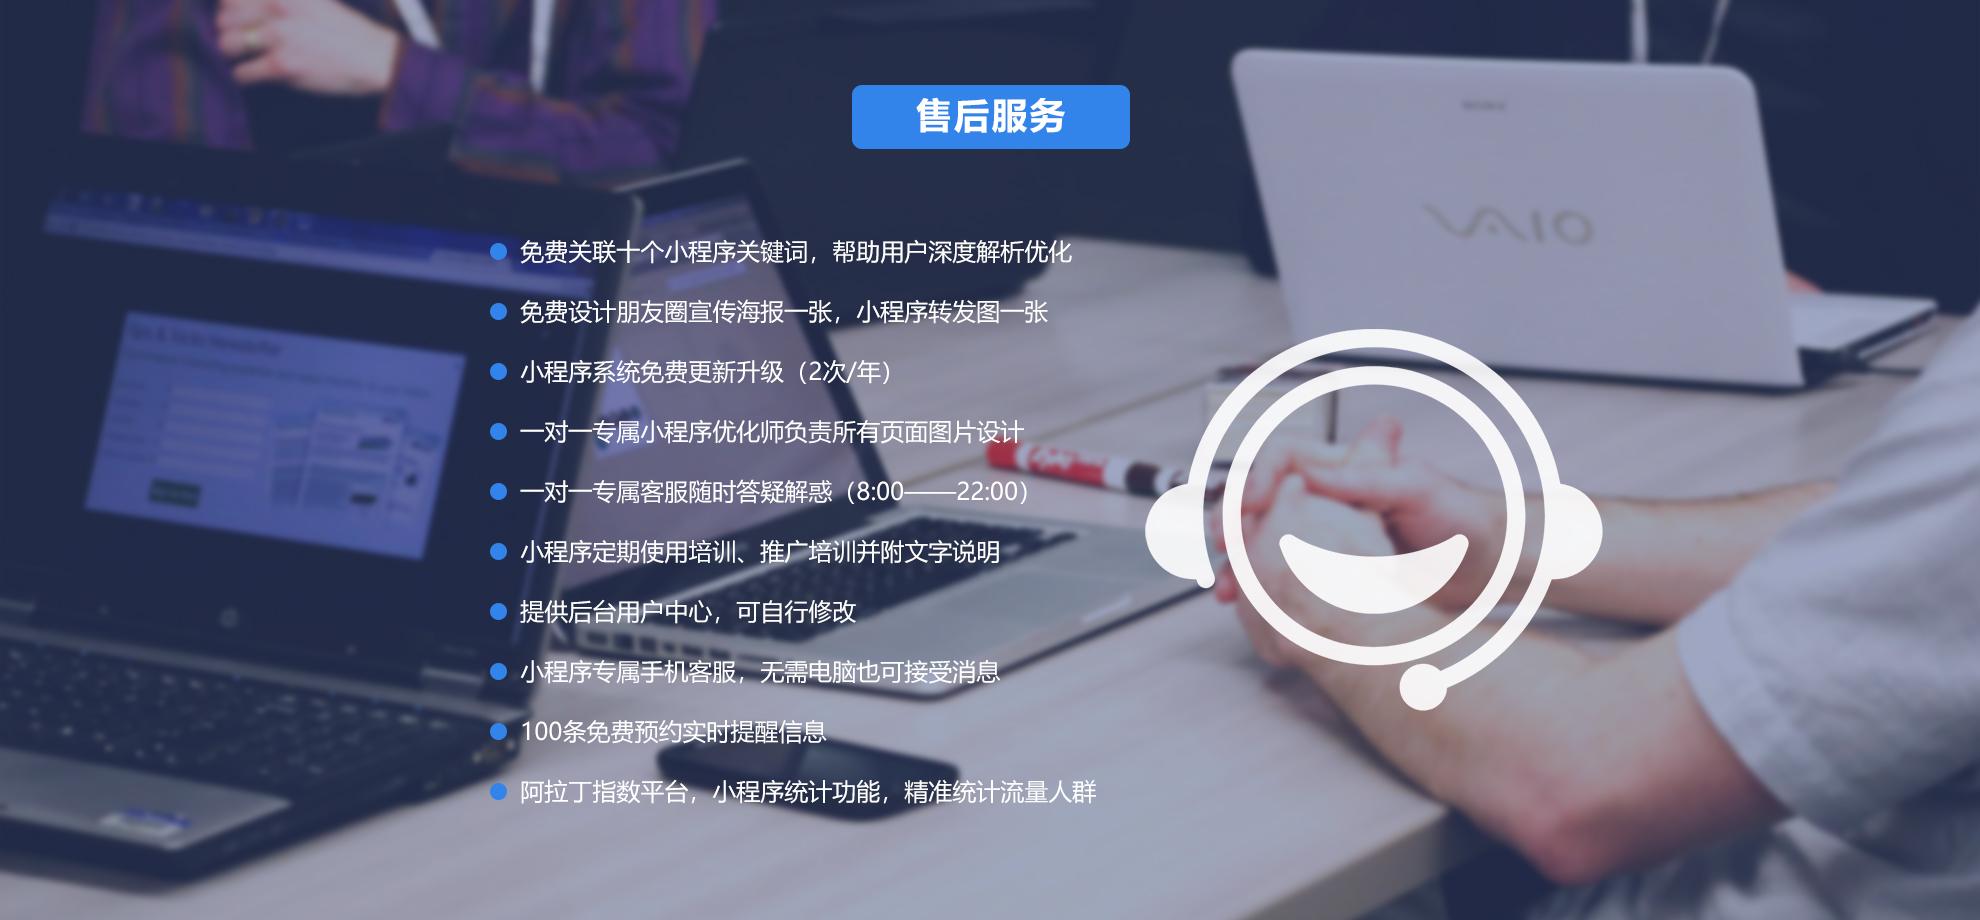 花果山一群猴龙8国际pt娱乐小程序售后服务